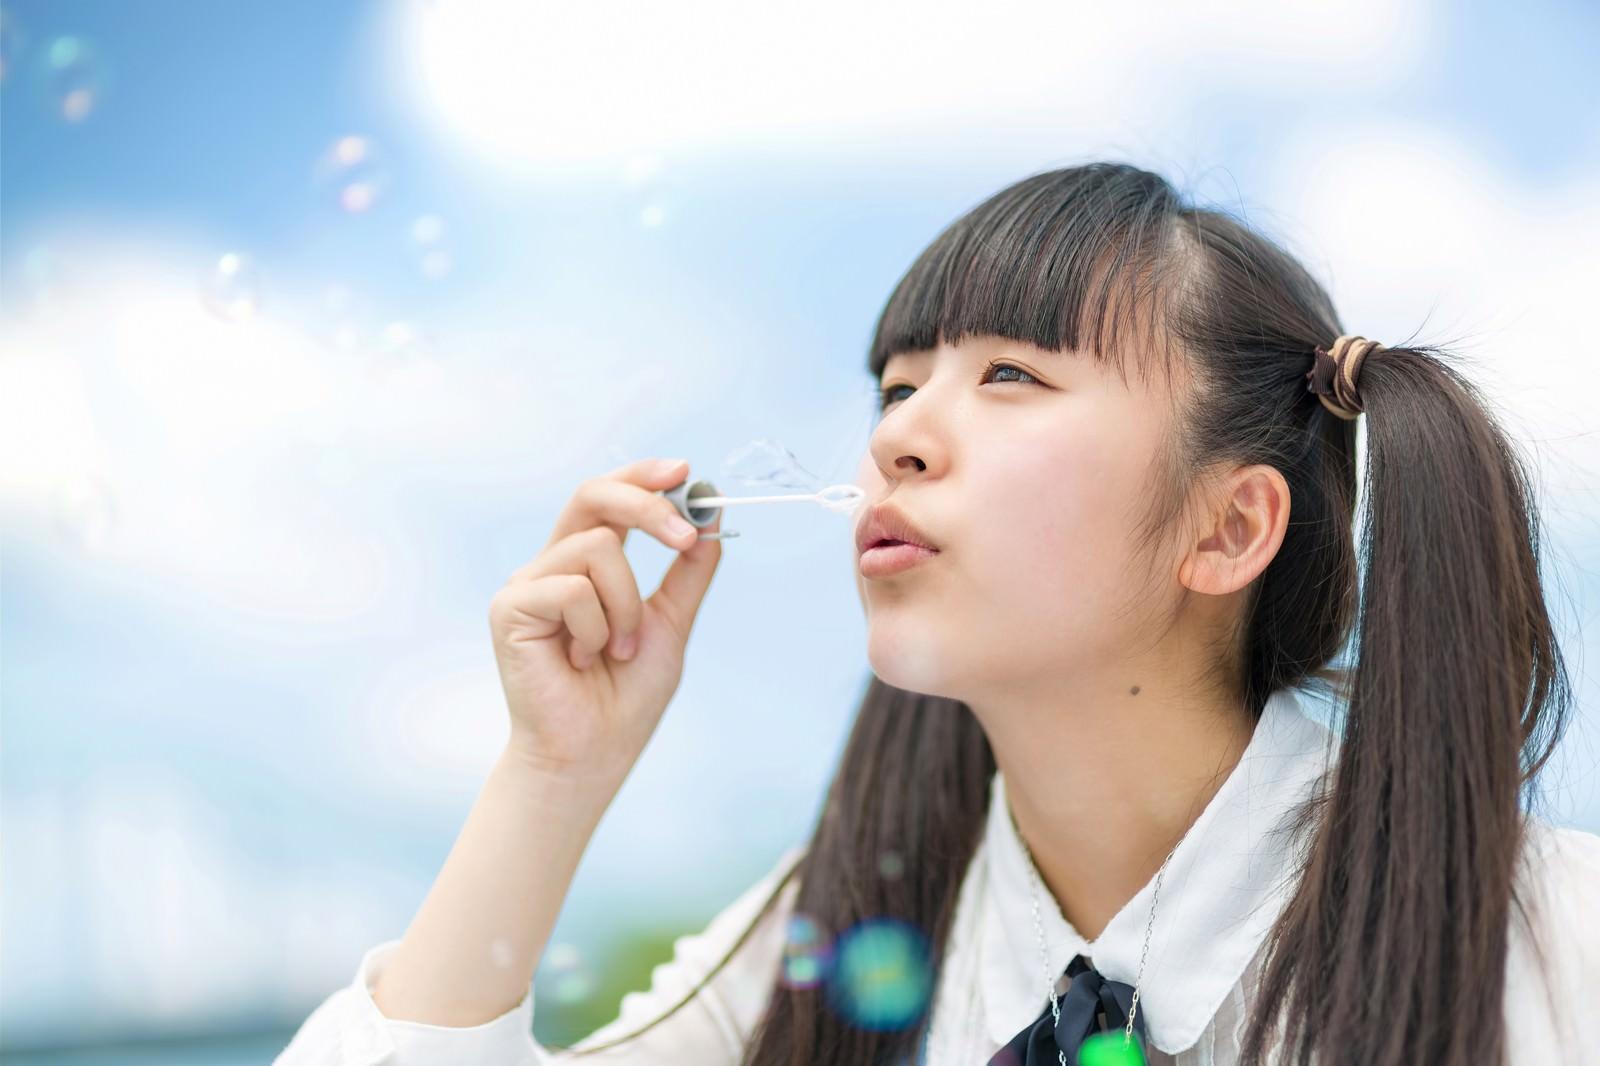 「空に向かってシャボン玉を吹くツインテールの女の子」の写真[モデル:こころ]